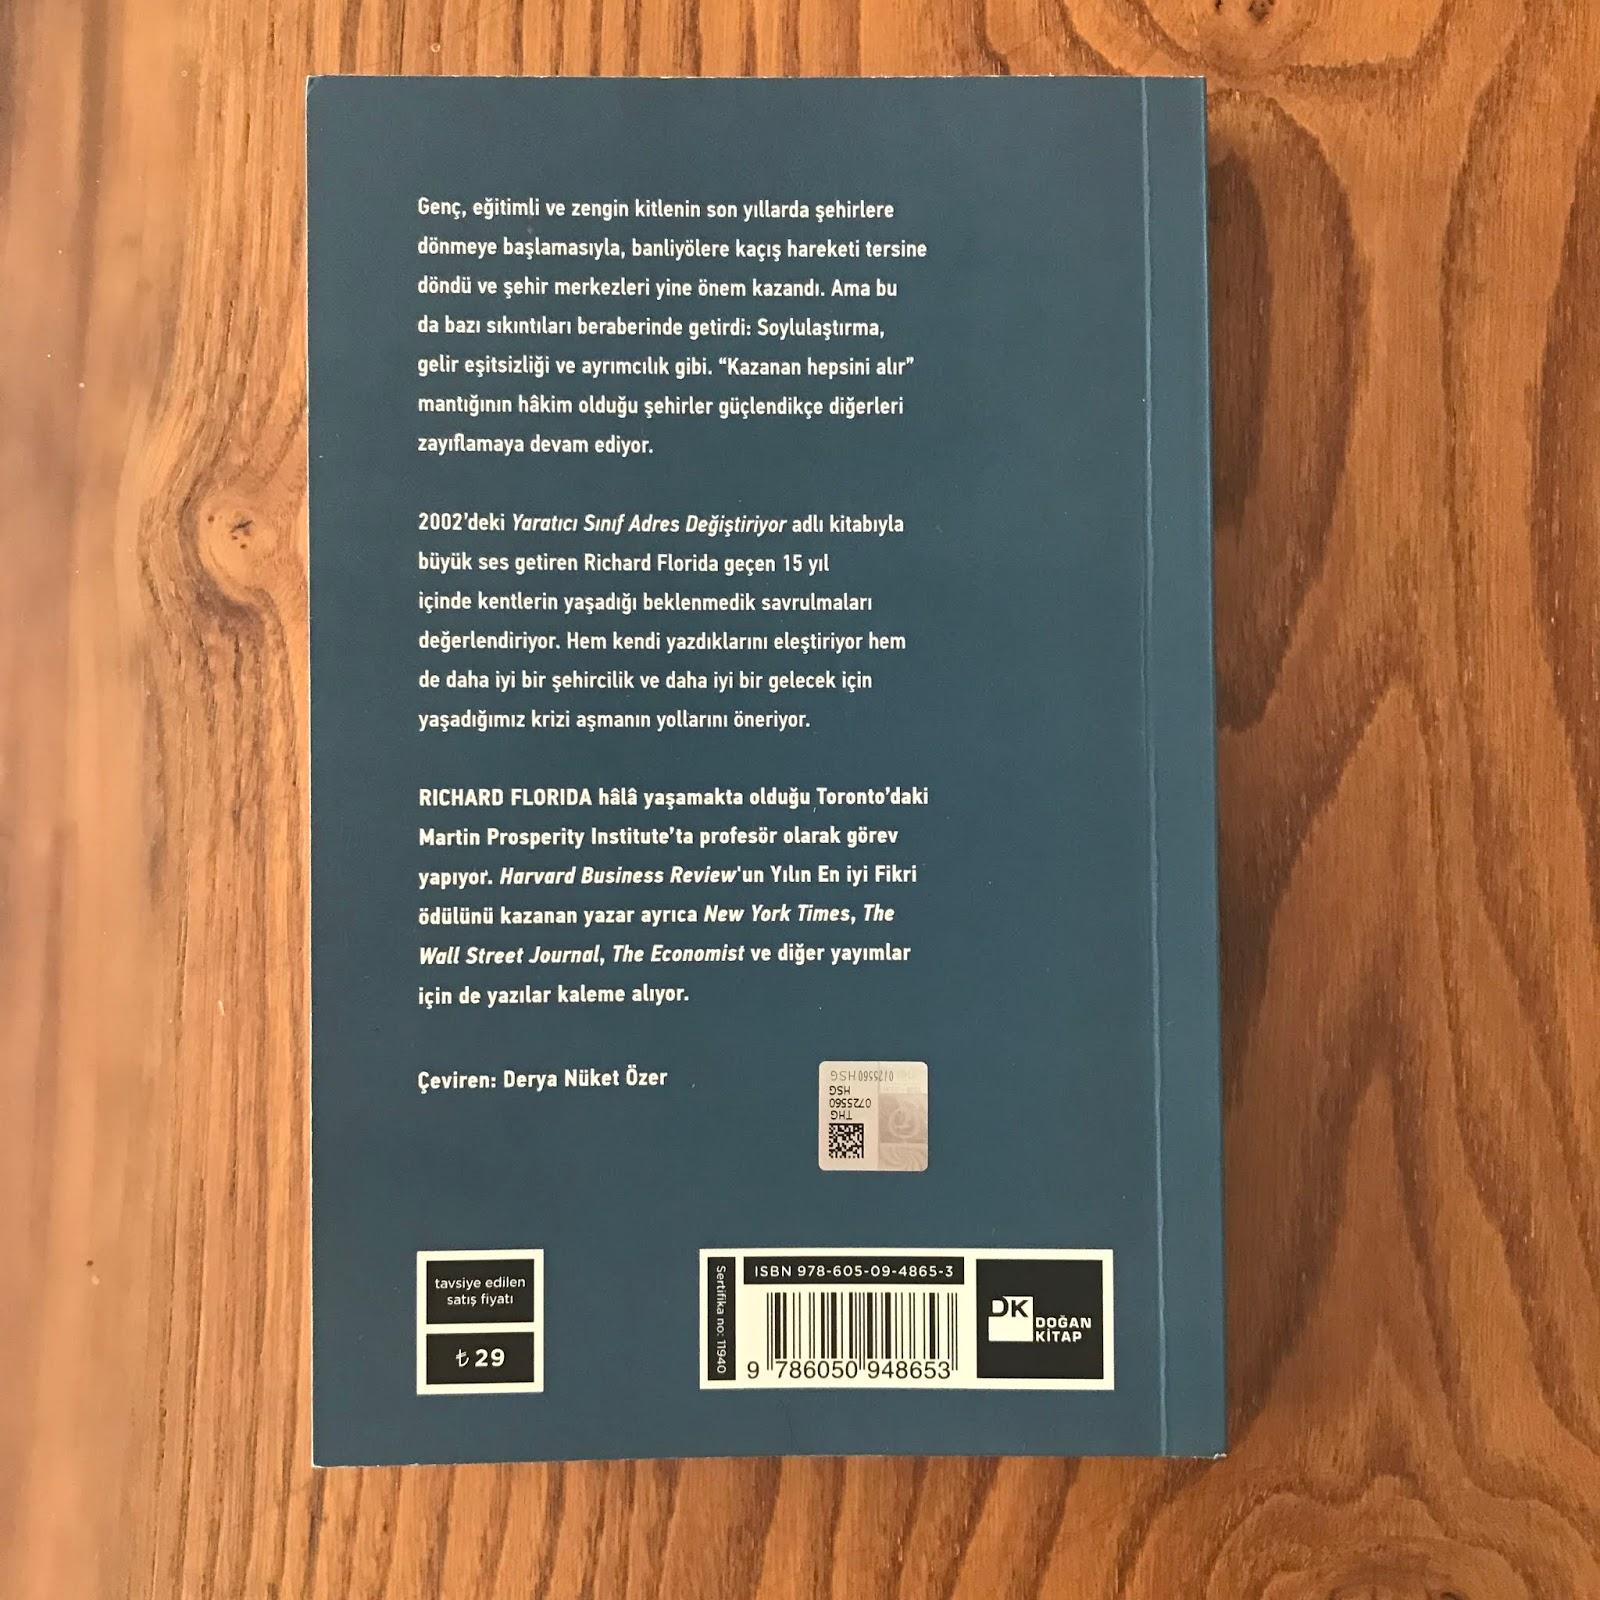 Yeni Kentsel Kriz - Soylulastirma, Esitsizlik ve Seckinler Sehri Ile Gelen (Kitap)